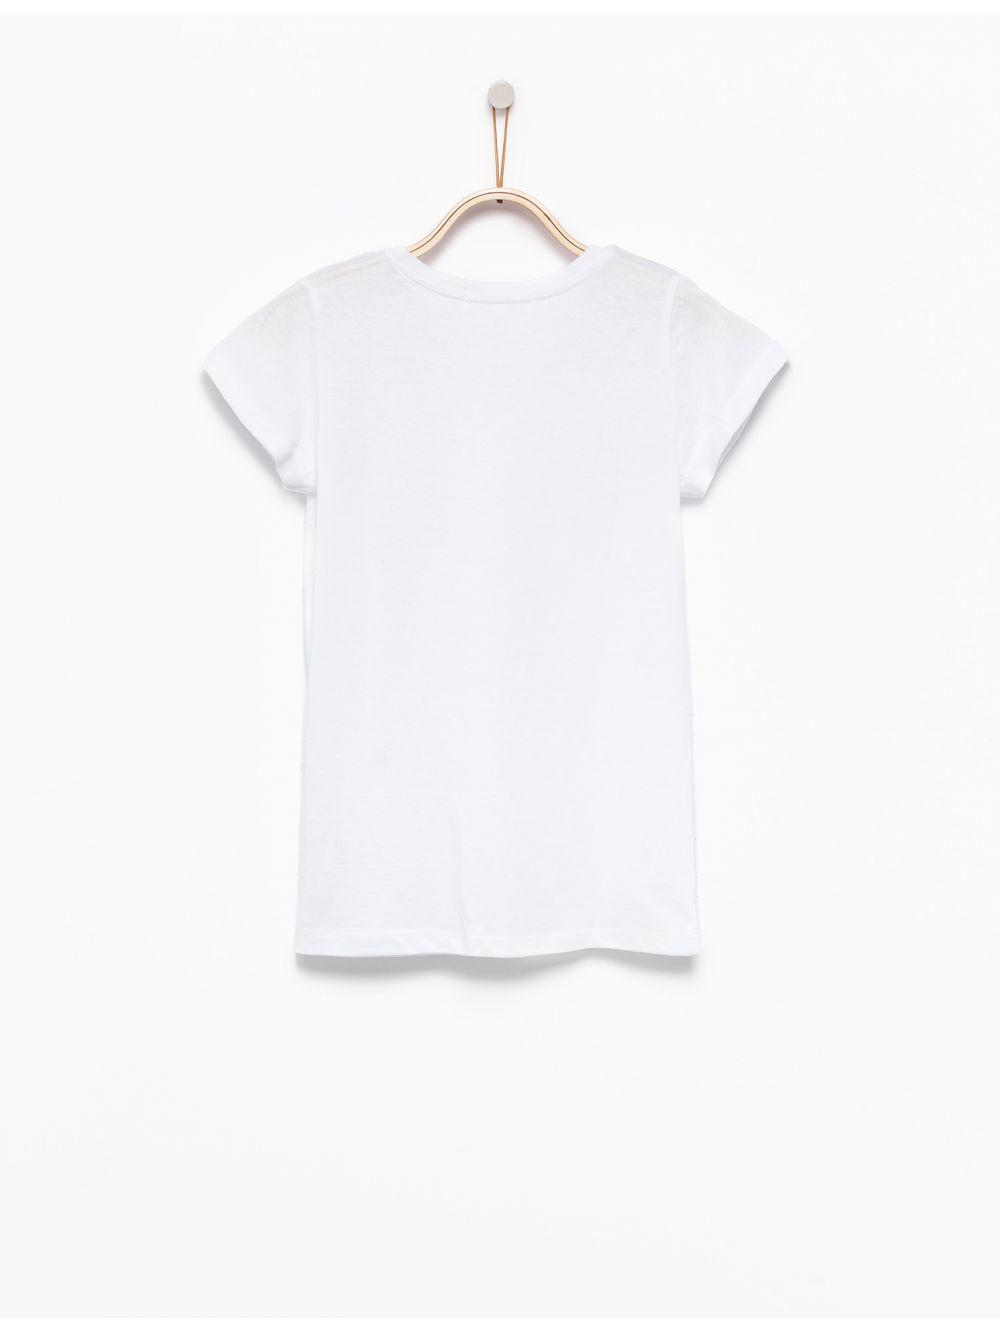 חולצת טי צווארון וי